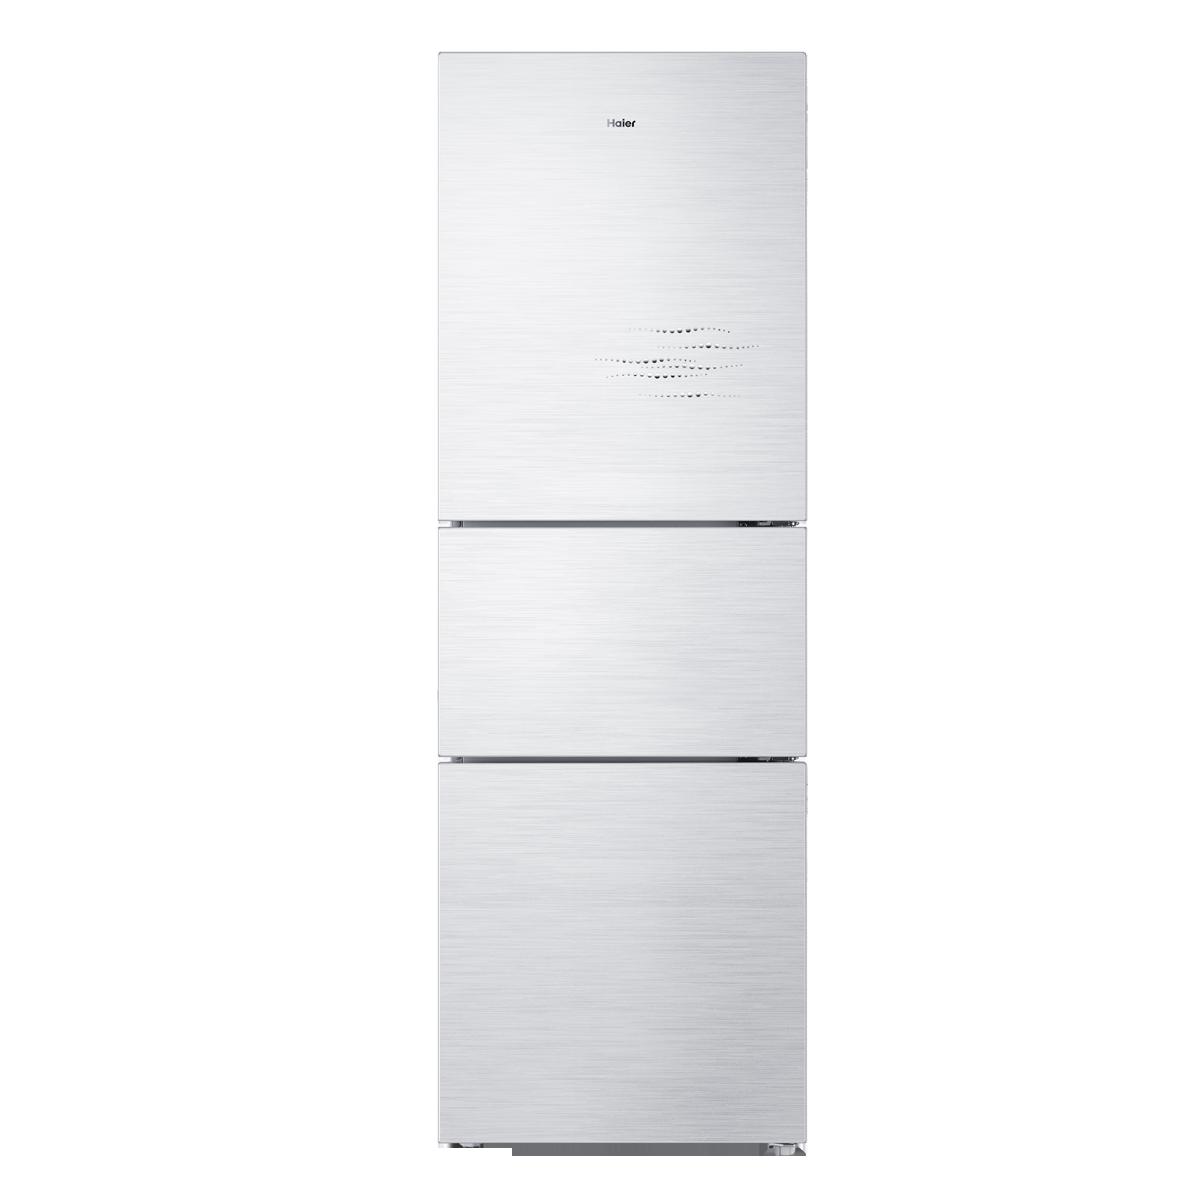 海尔Haier冰箱 BCD-225SKHCC 说明书